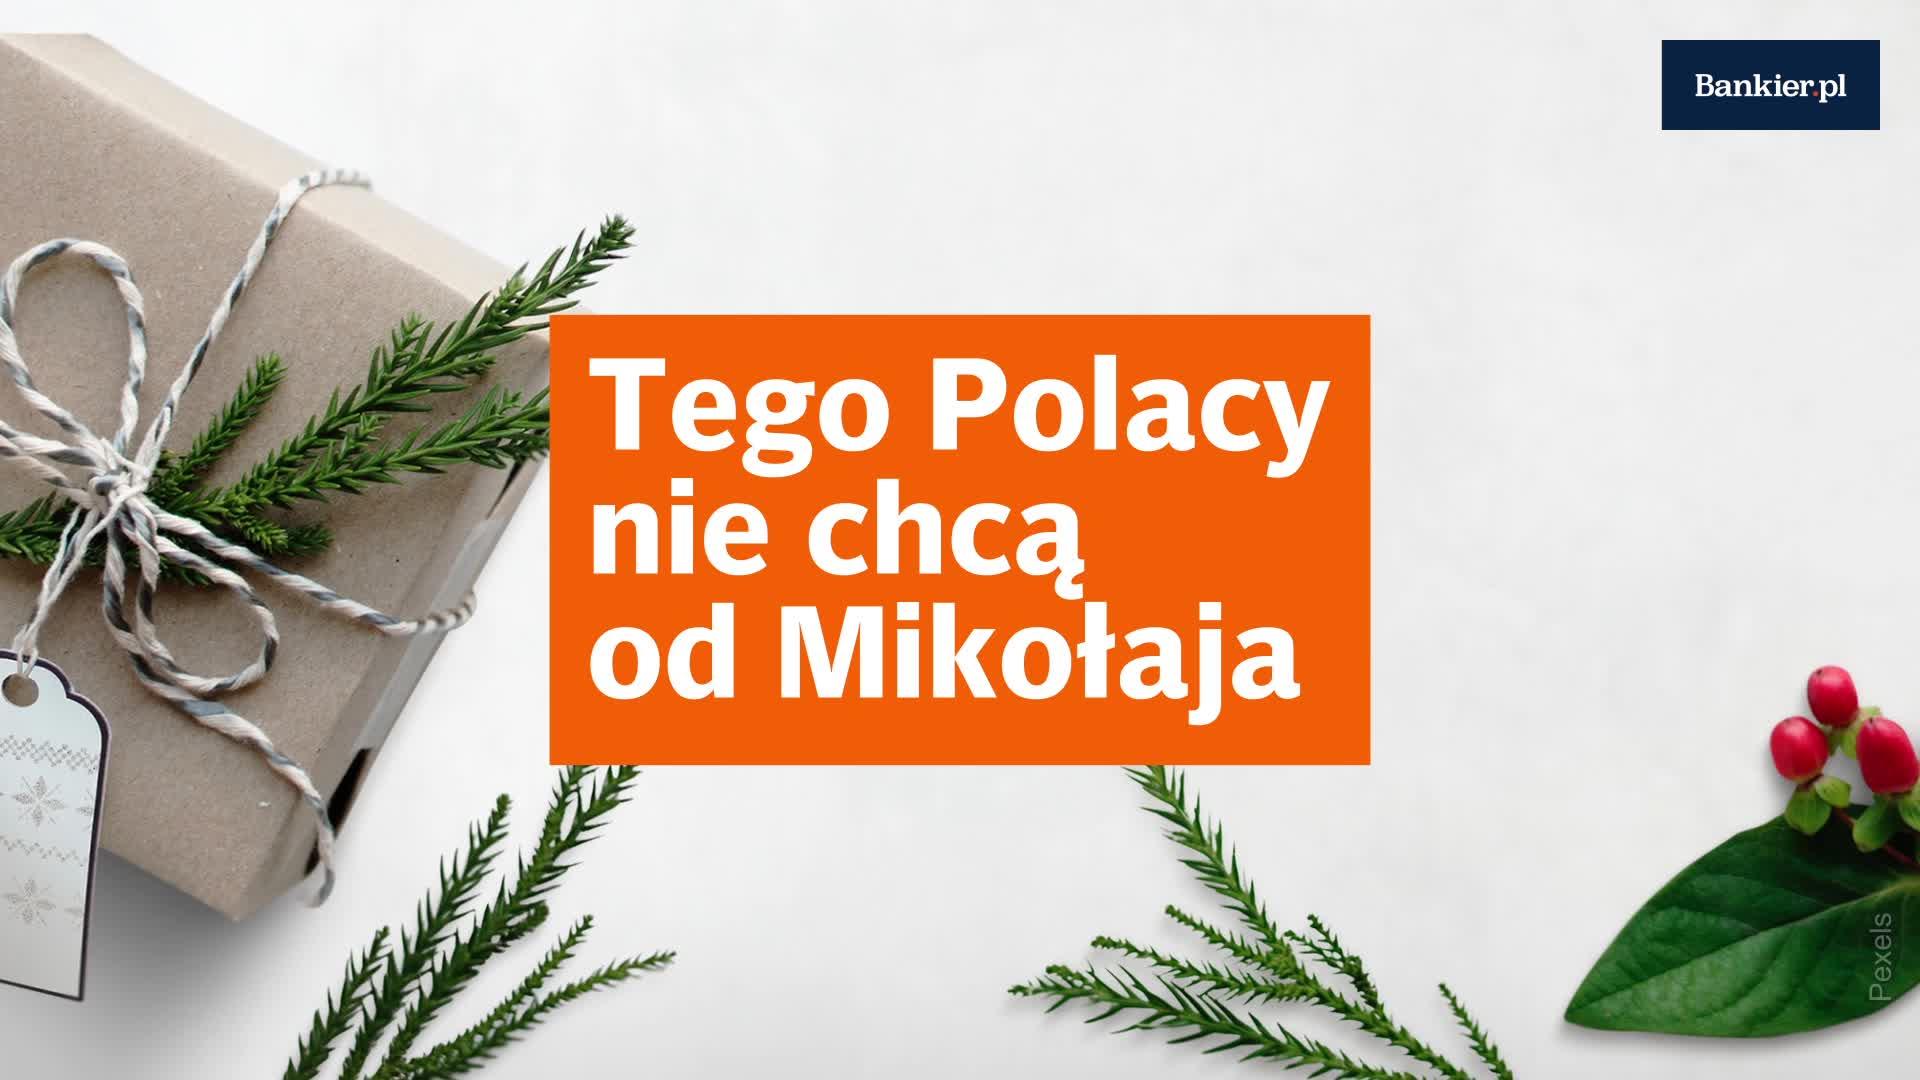 Tego Polacy nie chcą od Mikołaja